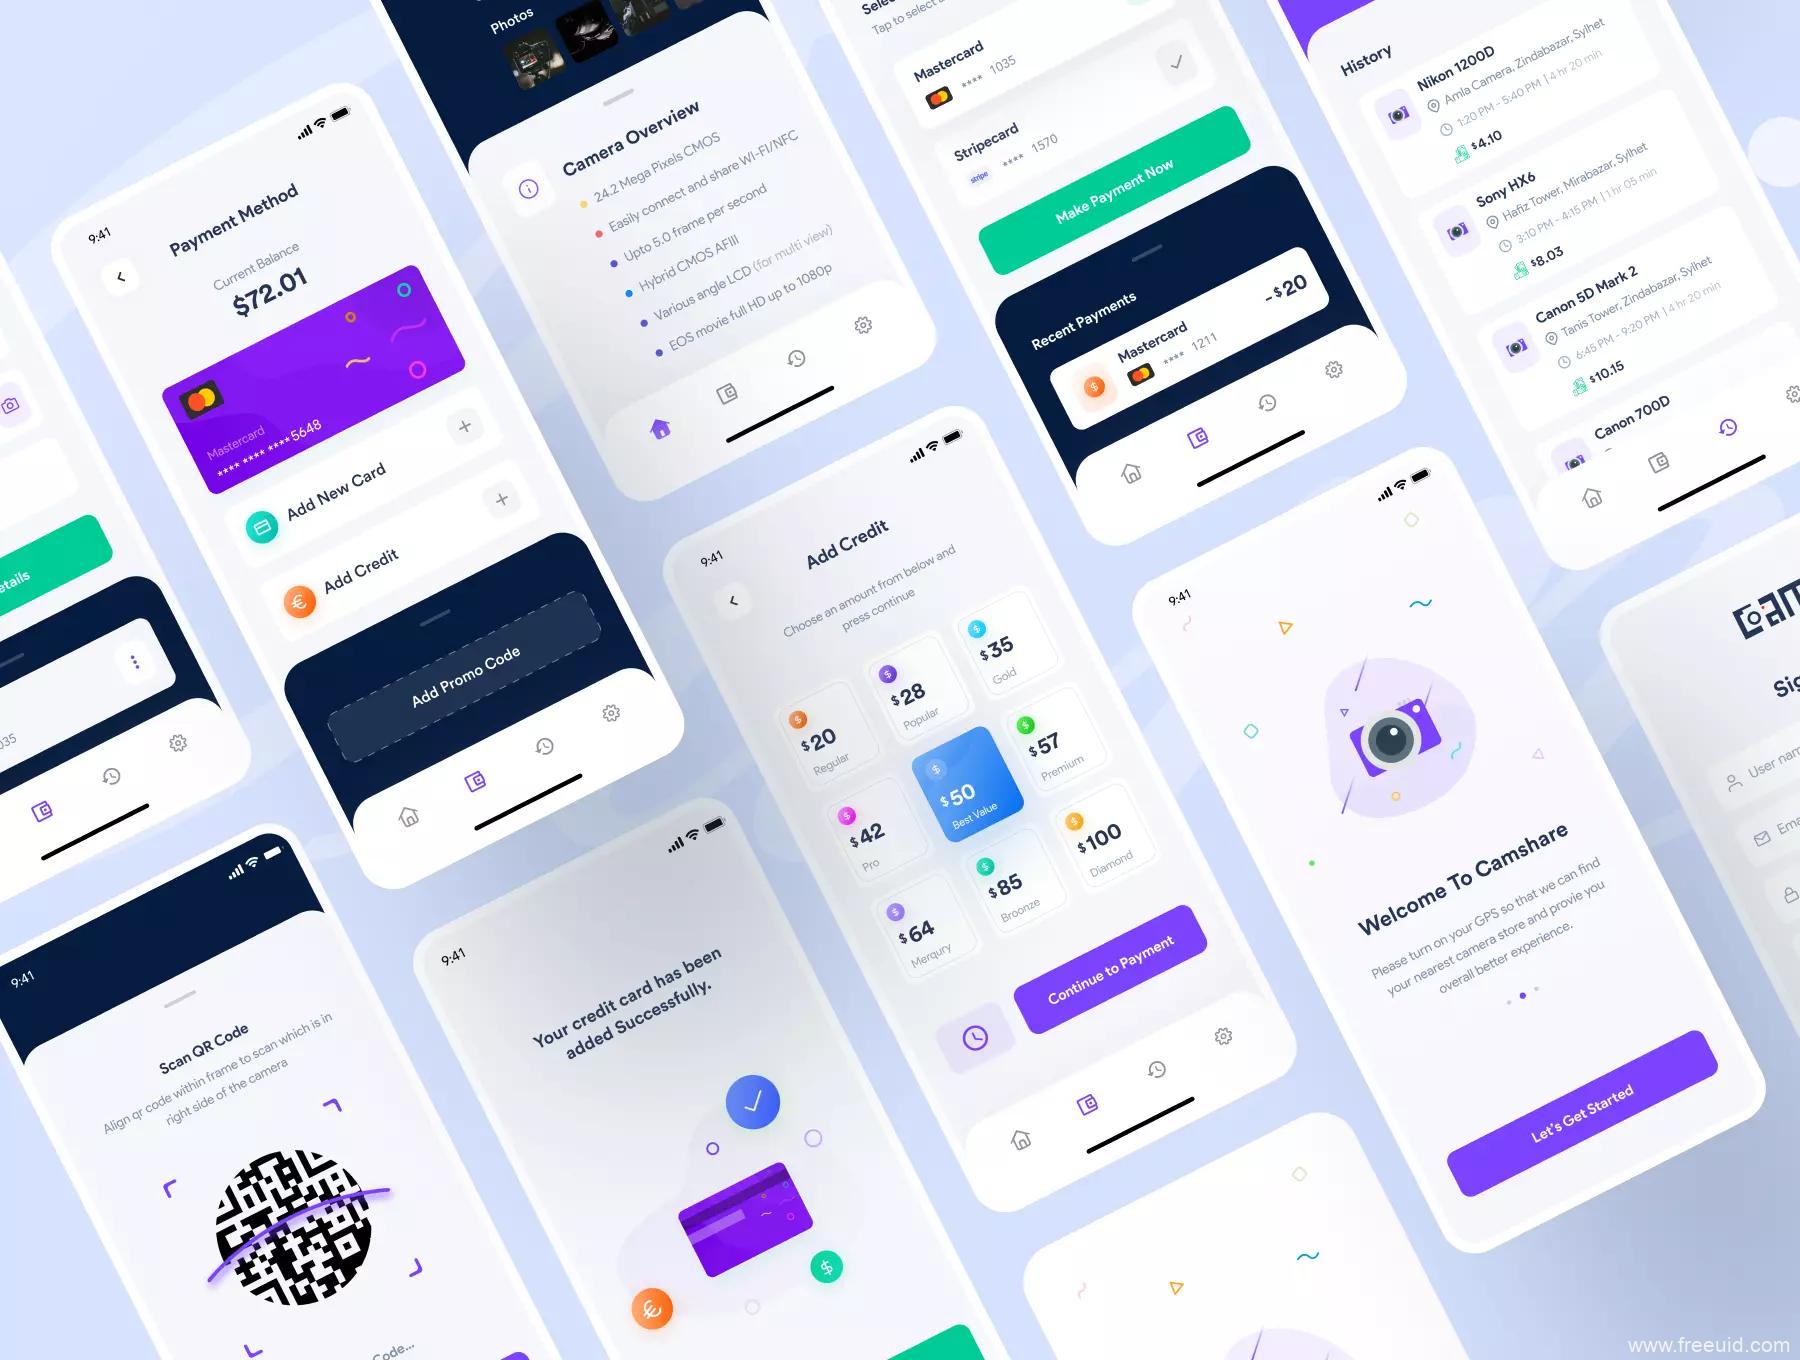 二手市场app UI资源下载,租赁市场app UI源文件下载,二手租赁app UI素材figma源文件下载